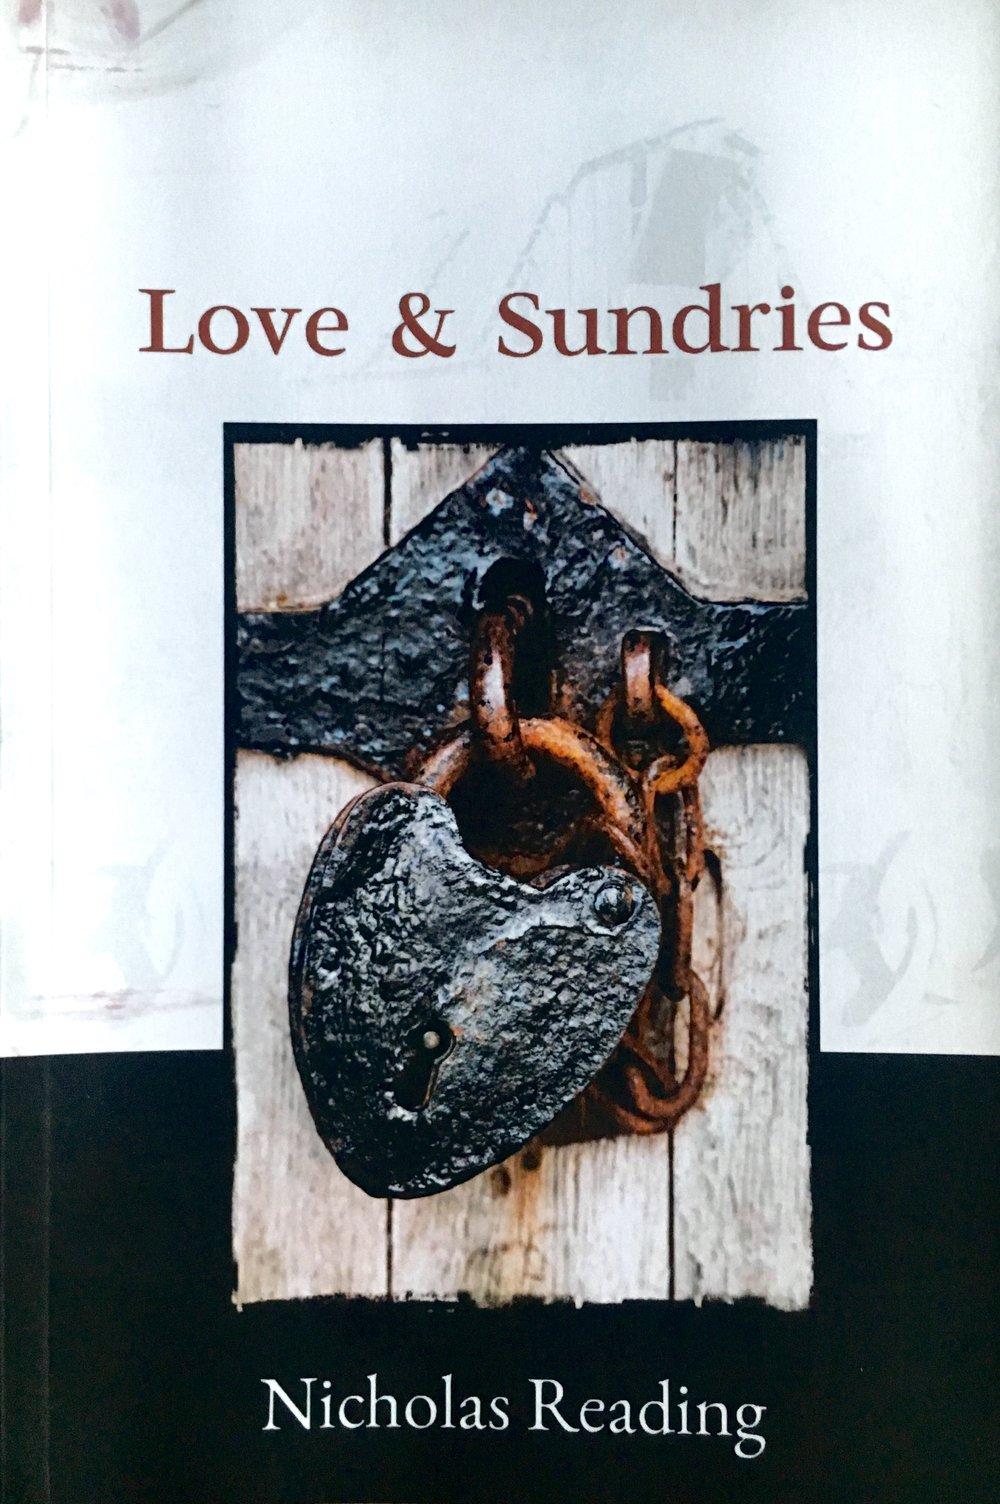 Love & Sundries cover.jpg